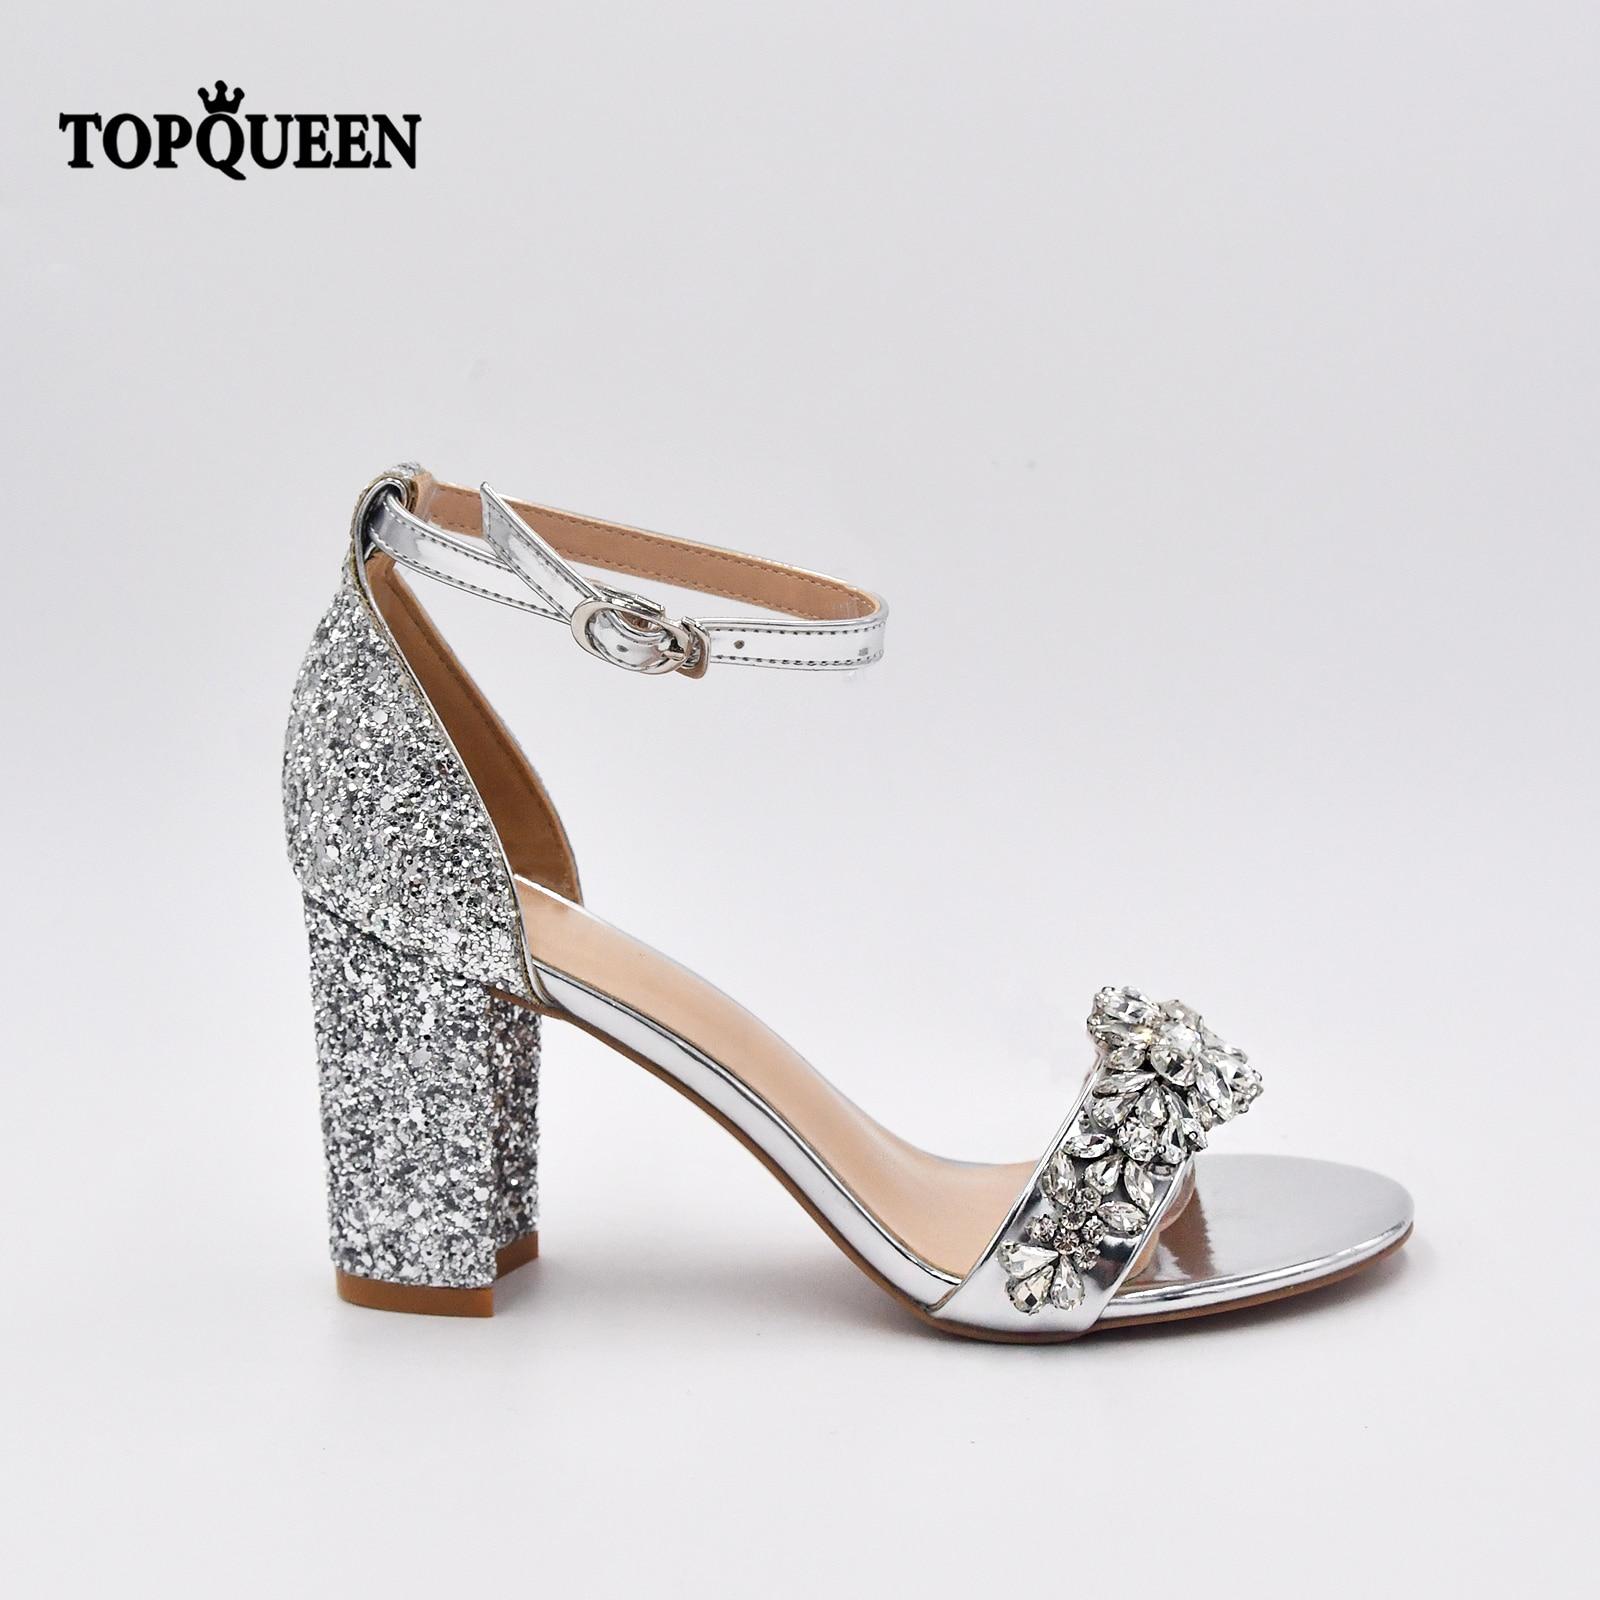 TOPQUEEN A06-S الفاخرة الزفاف الأحذية الأزياء تألق الفضة مثير المرأة مع حزام حزب اللباس الصنادل المفتوحة تو مضخات Pinkage